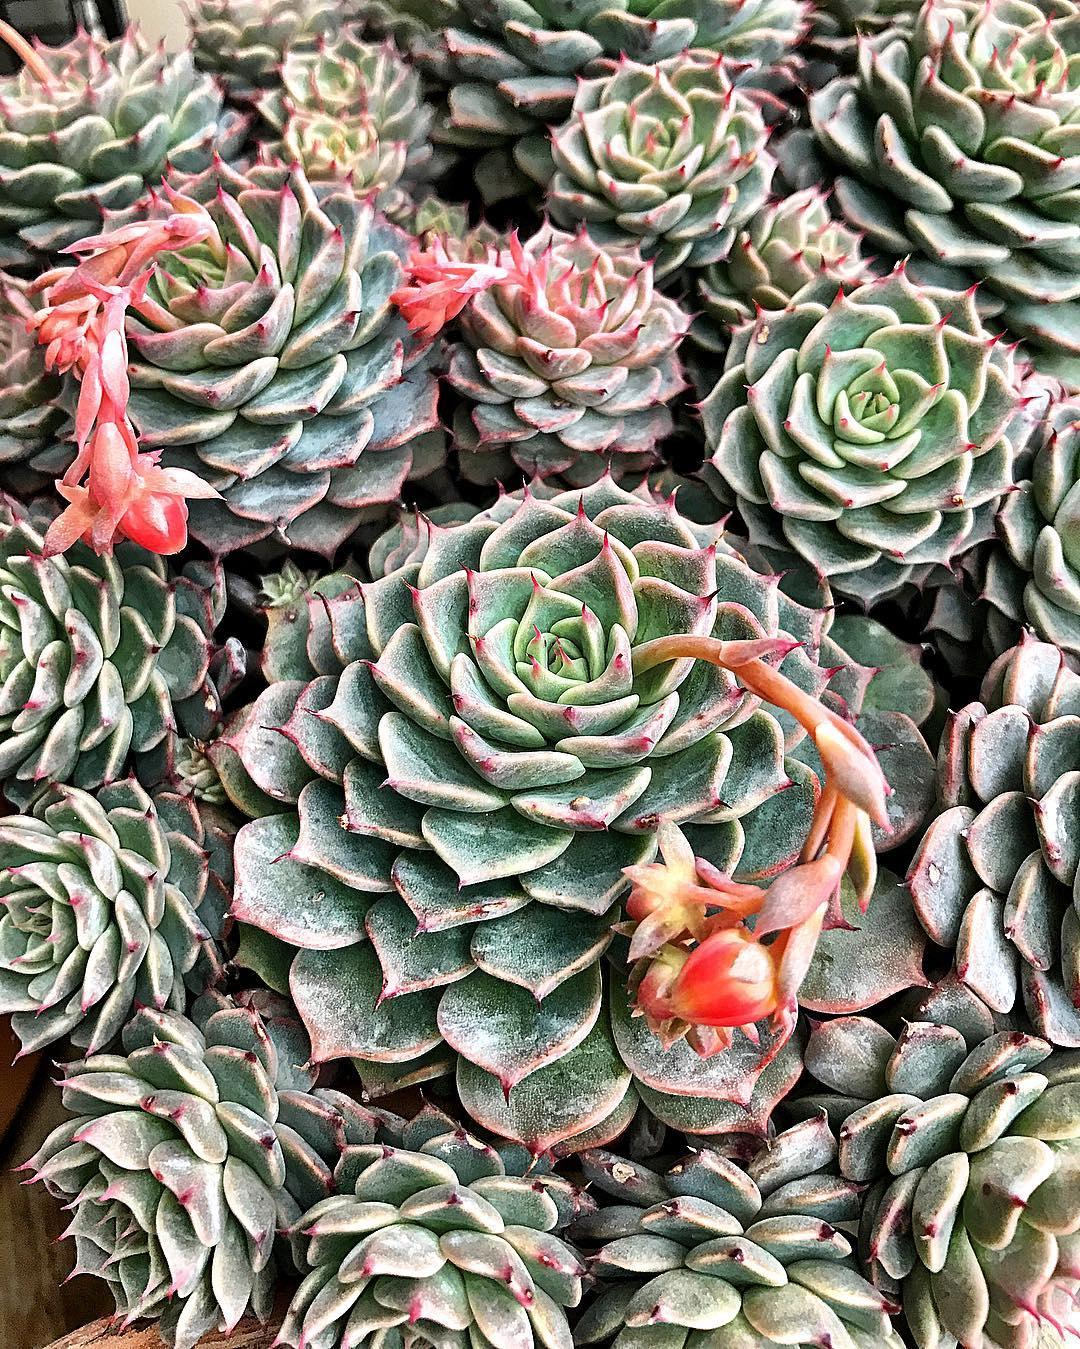 @cactus.man